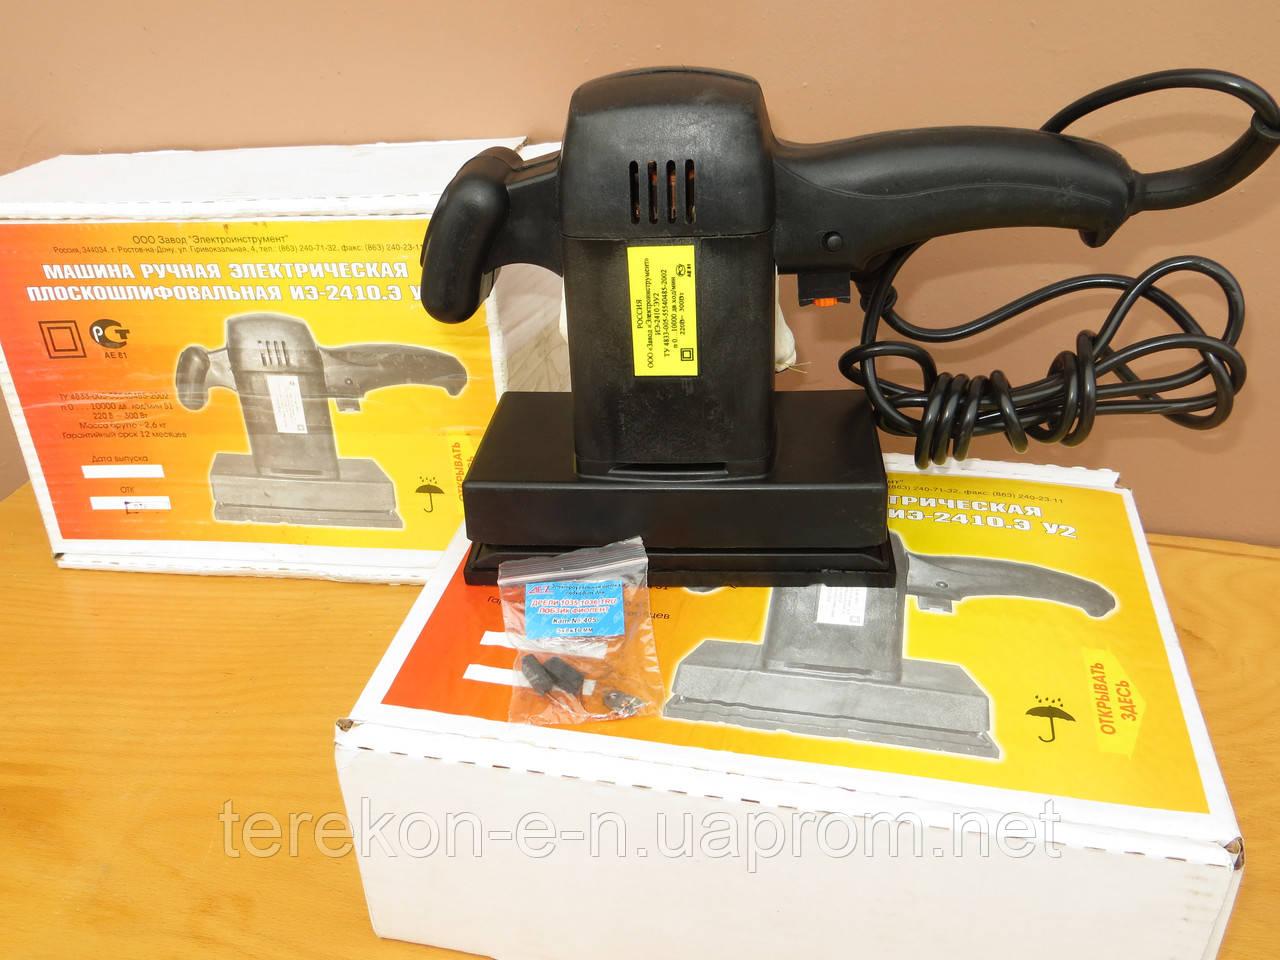 Вібраційна машина ИЭ-2410.ЕУ2 ростовська